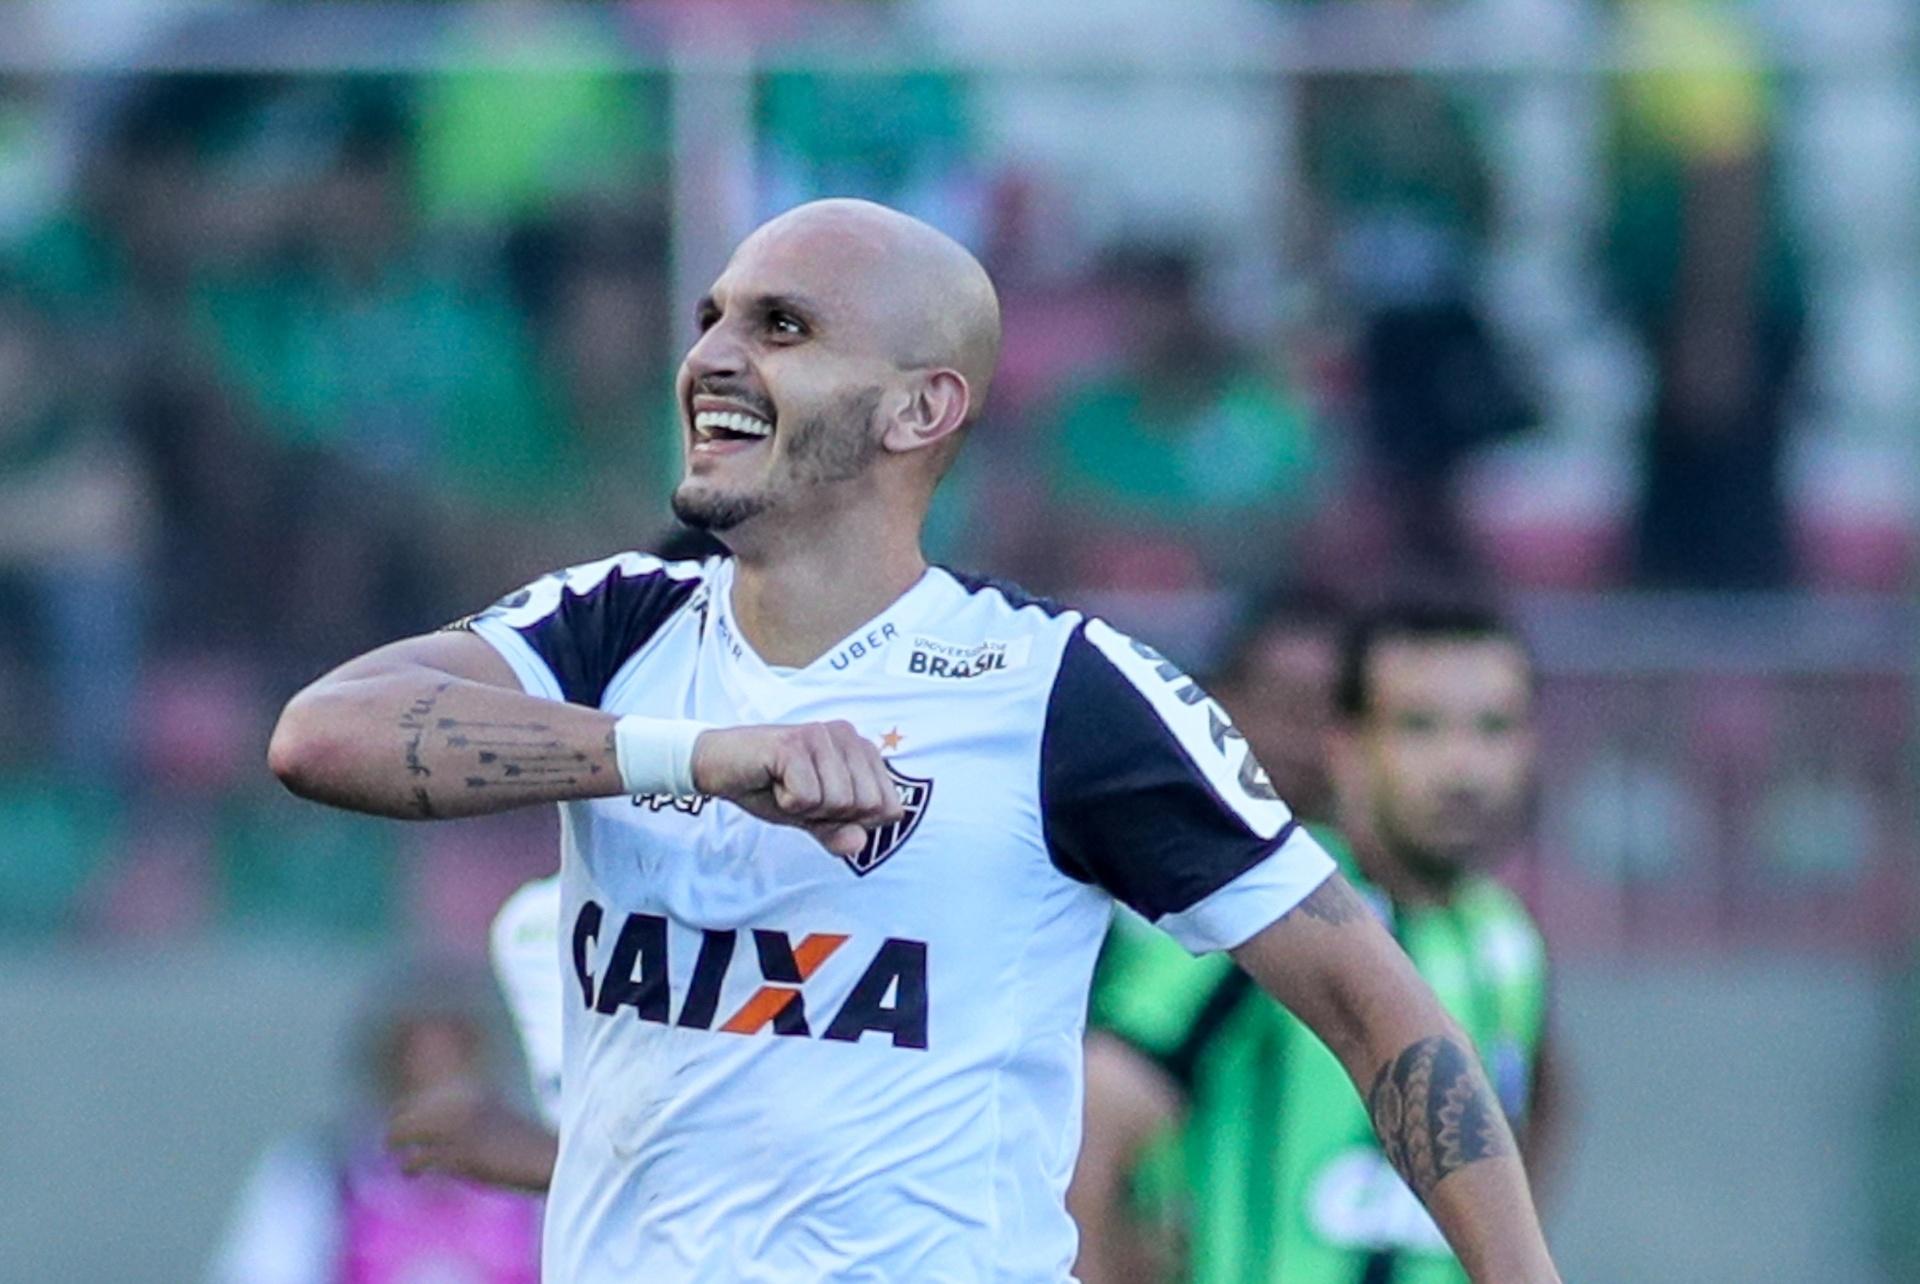 dde6cccbb2 Atlético-MG vence América-MG de novo e fará final do Mineiro com o Cruzeiro  - 25 03 2018 - UOL Esporte